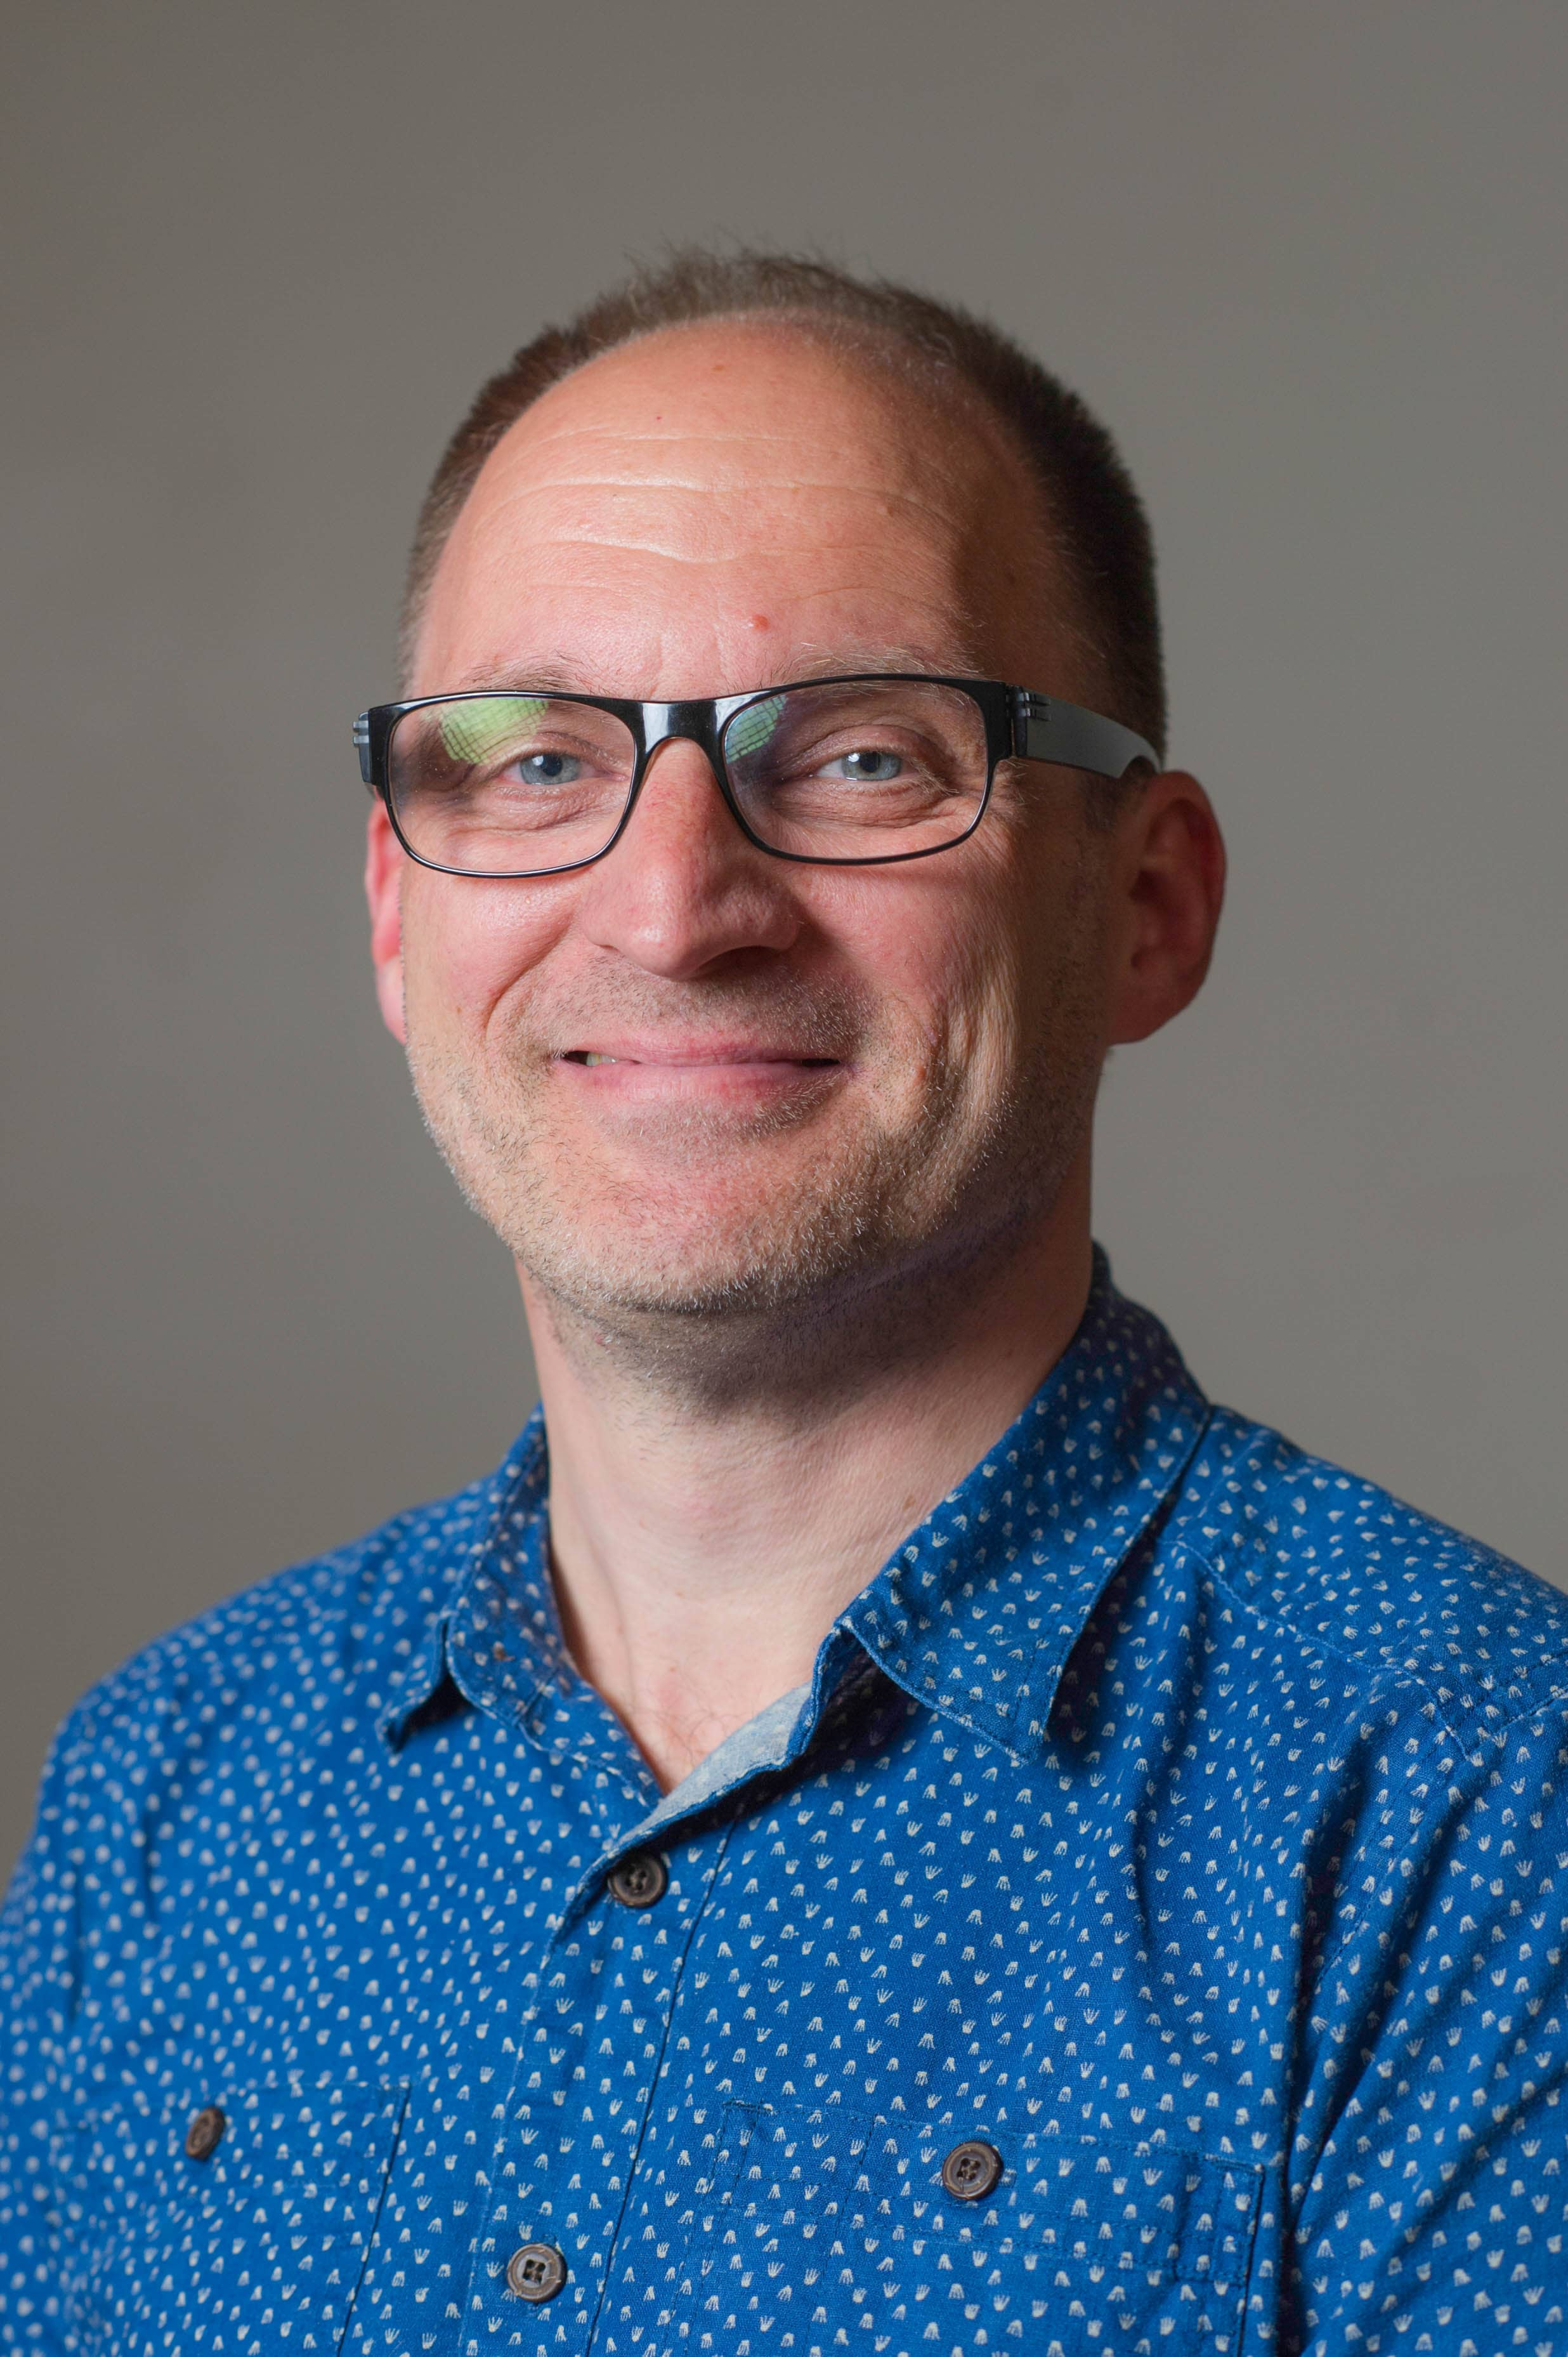 Anders Kjeldvig